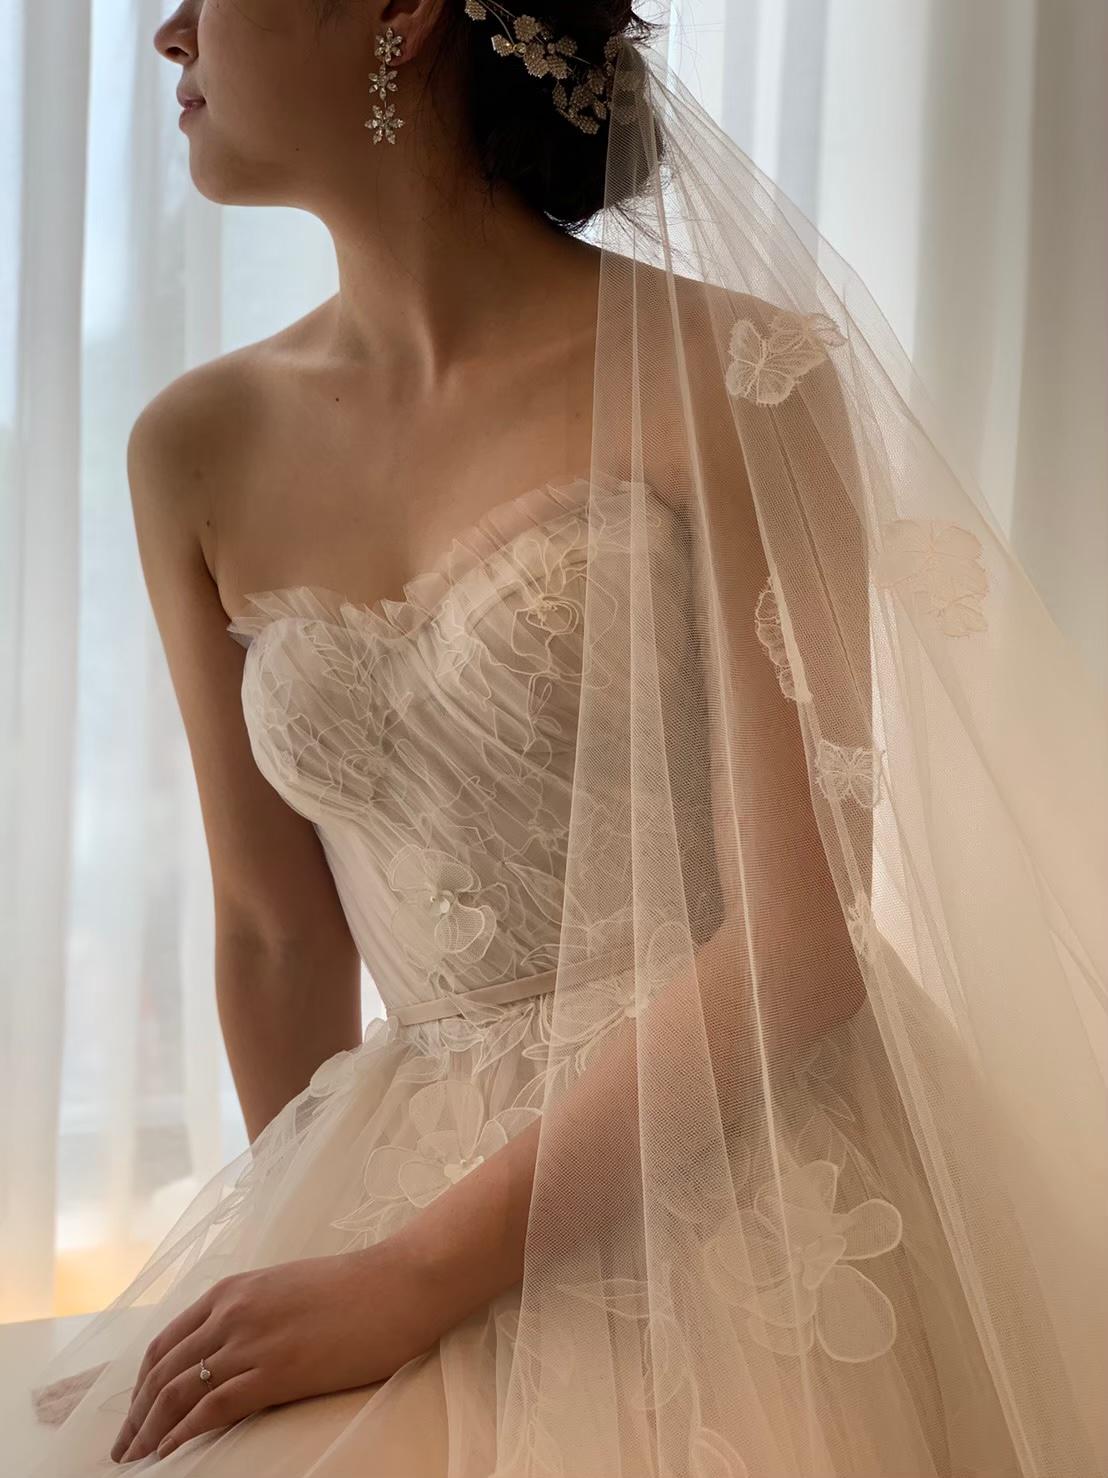 THE TREAT DRESSING名古屋店で人気のミラ・ズウィリンガーのブラッシュカラーの柔らかいチュールのAラインのドレス